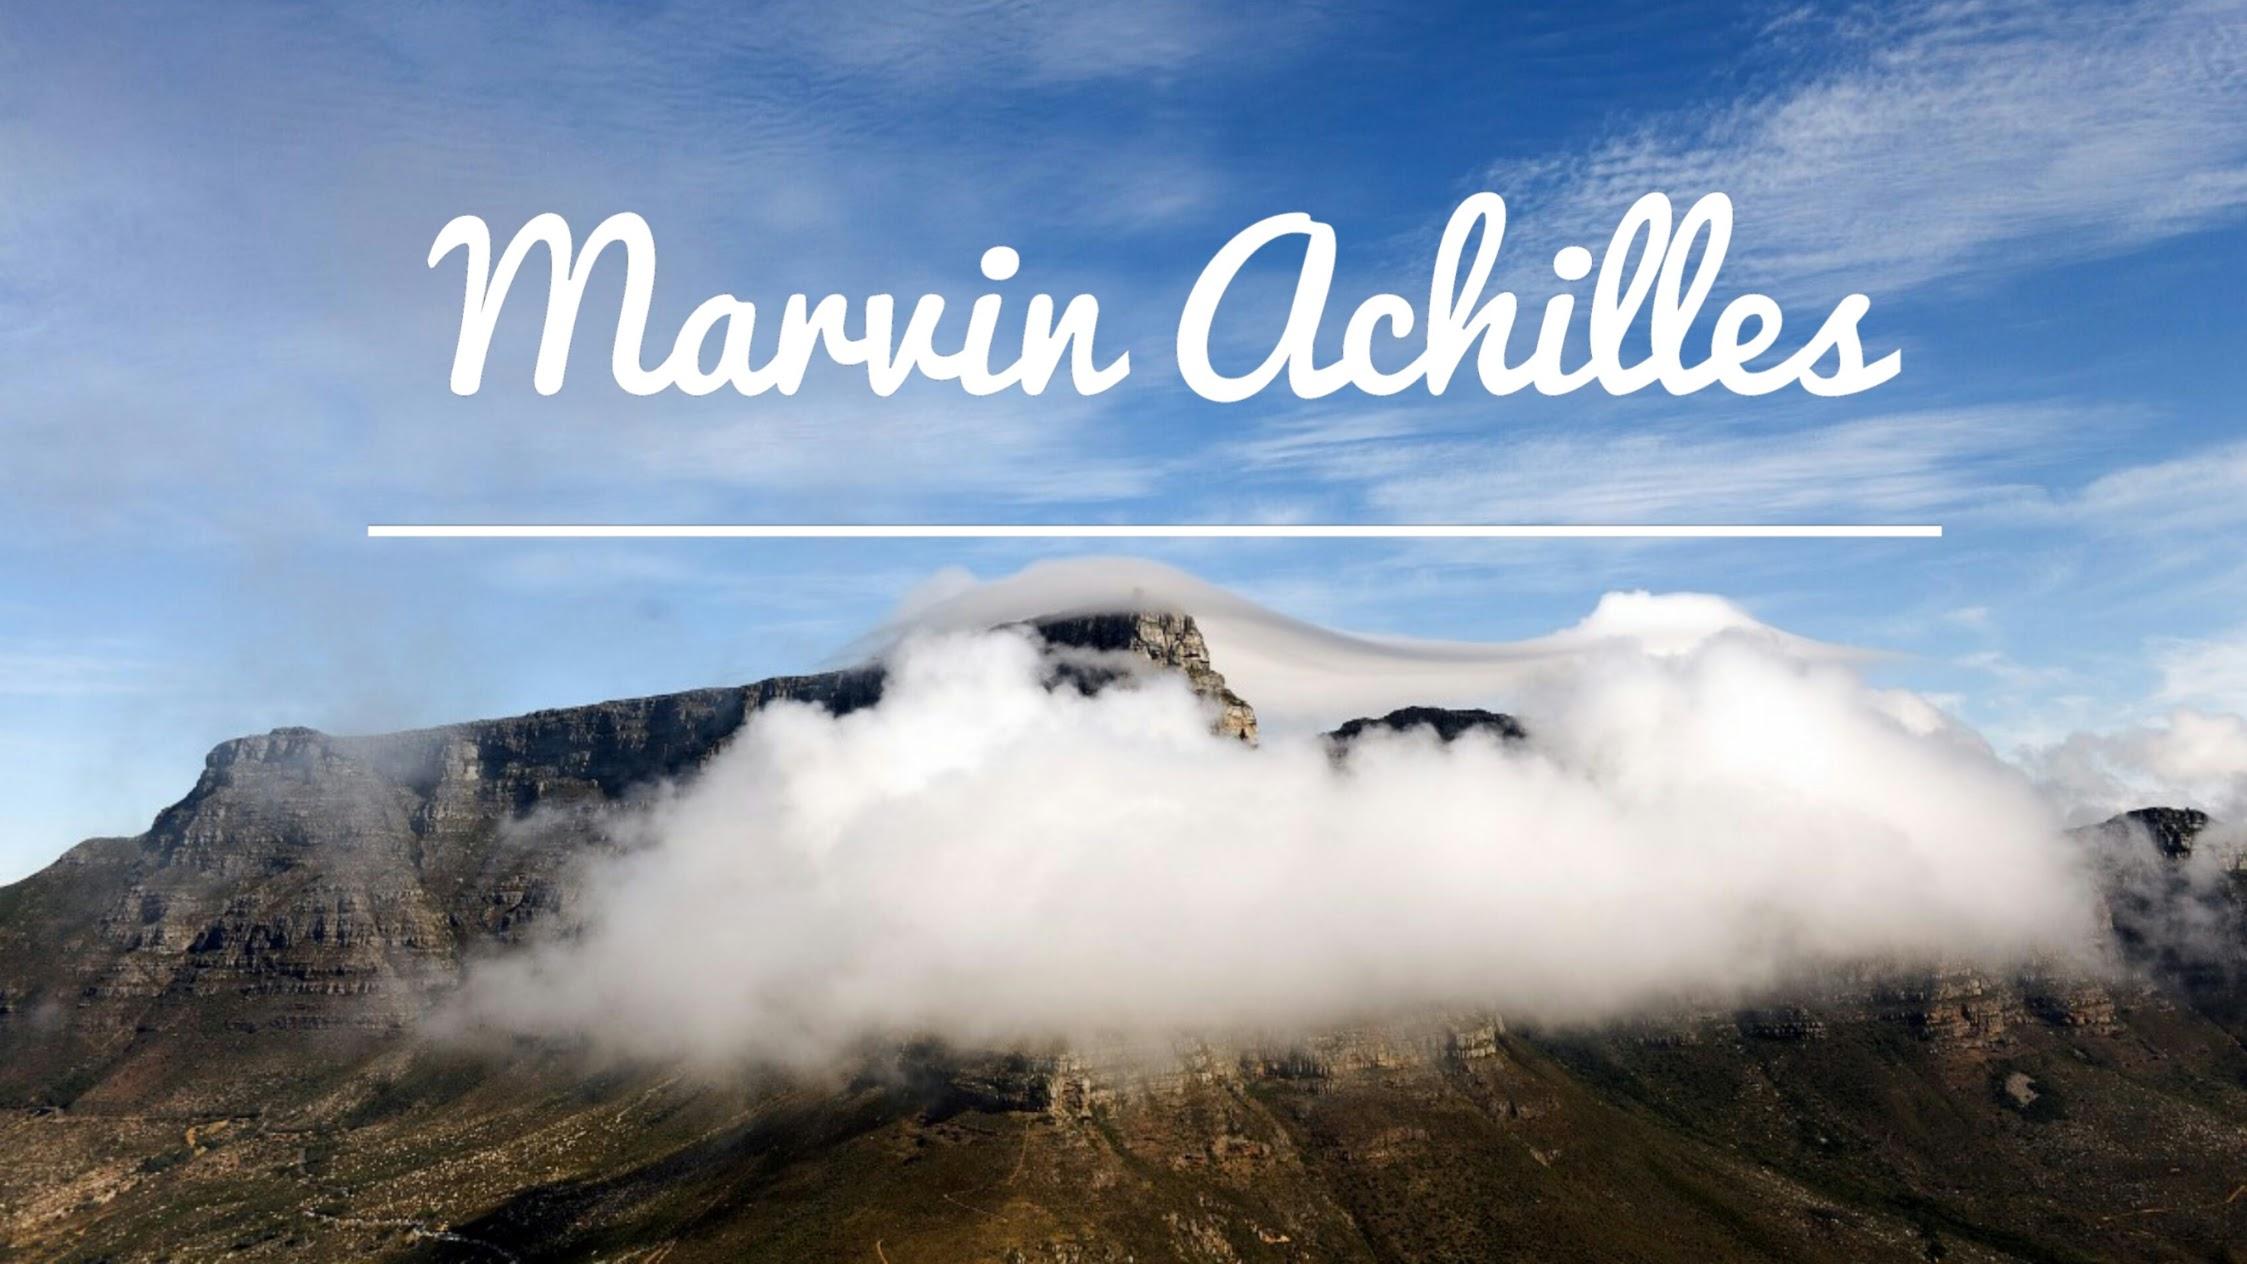 Marvin Achilles